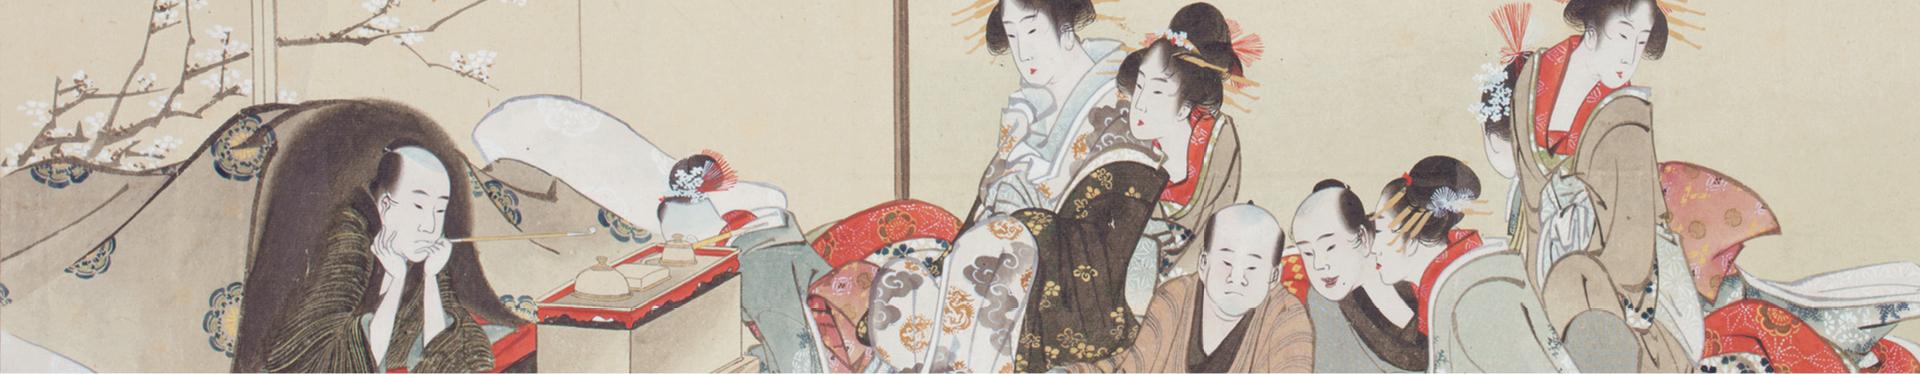 japanese-art-banner-NEW2_32_4_20170215121049.jpg